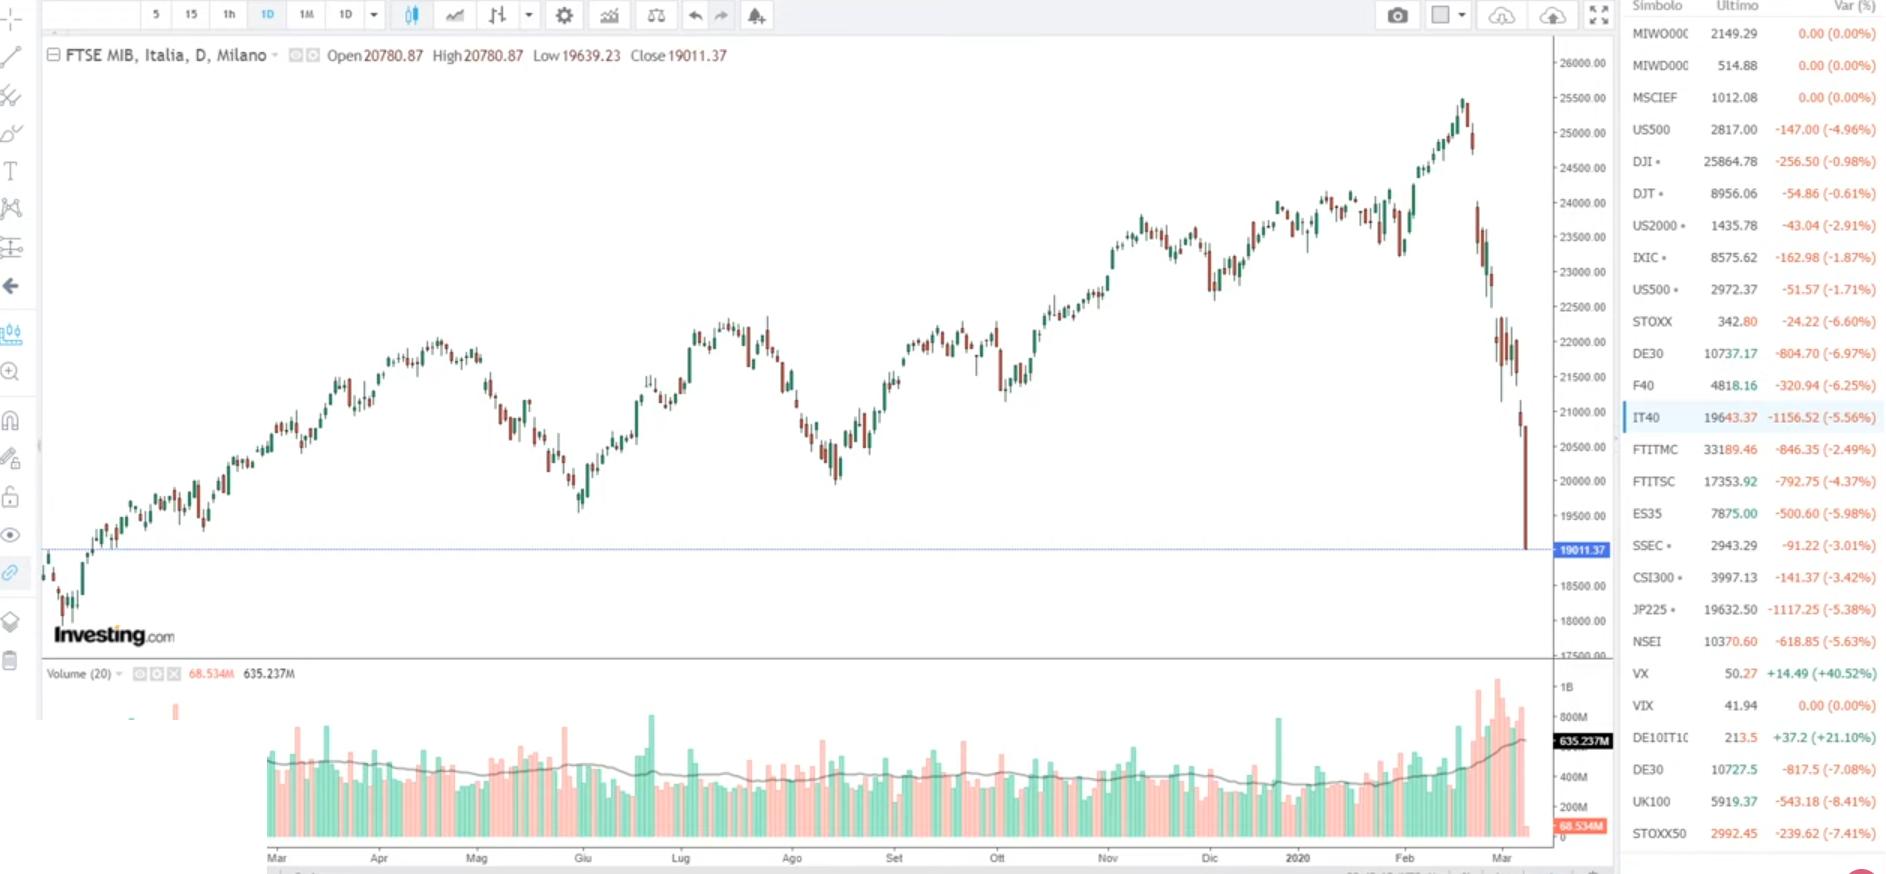 Mercati Finanziari: cosa fare in questi momenti grafico ftsemib oggi covid crisi